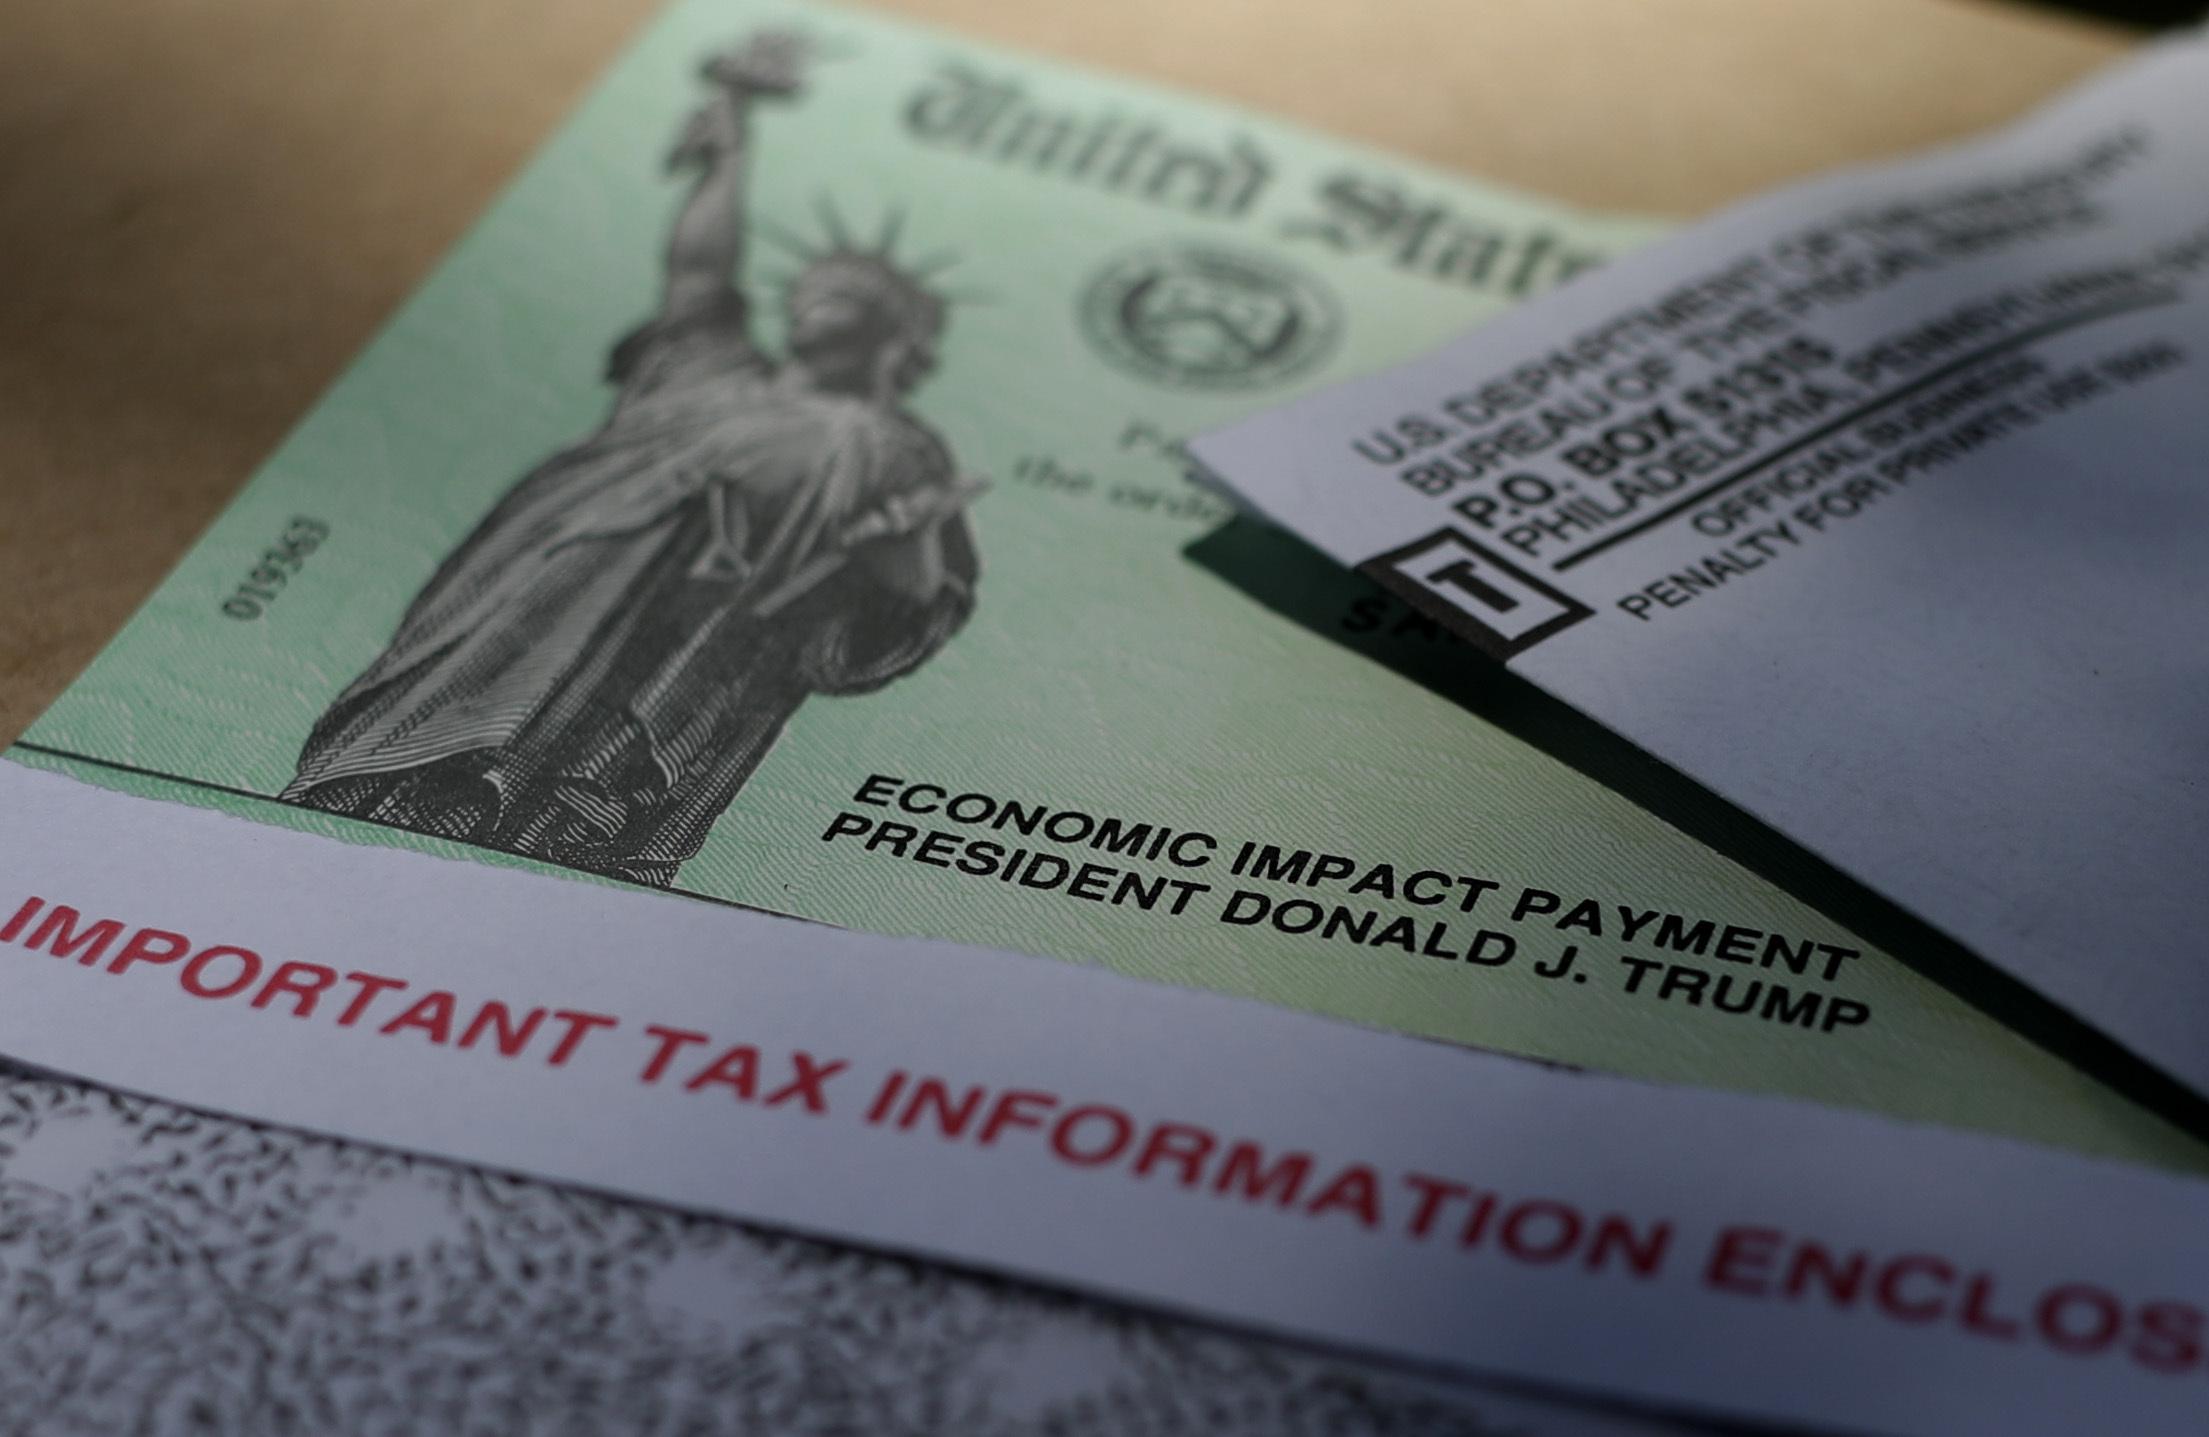 Hubieron ciudadanos que fueron excluidos de recibir los cheques de estímulo.